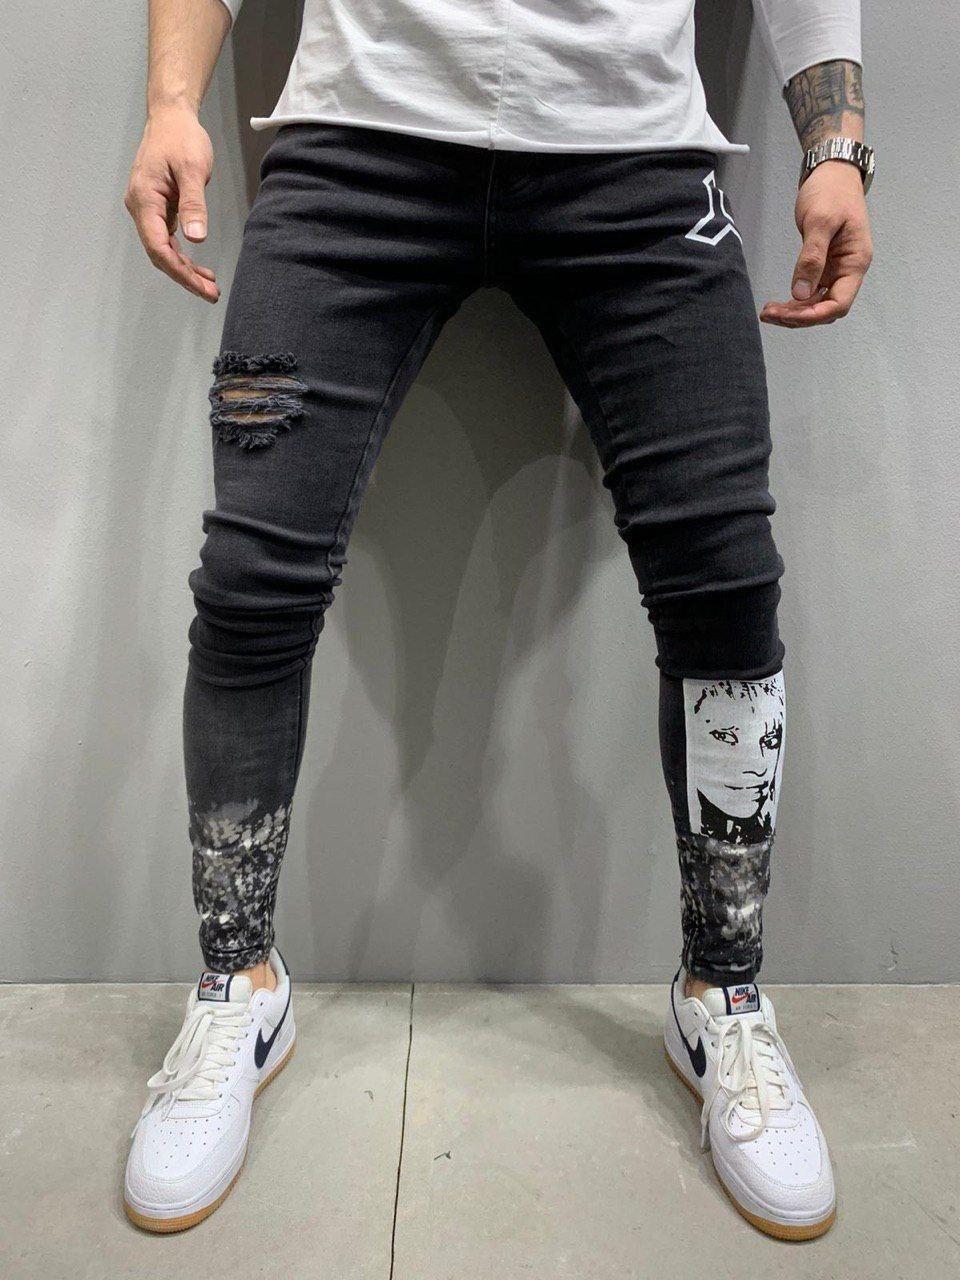 Джинси - чоловічі чорні джинси з нашивками малюнками